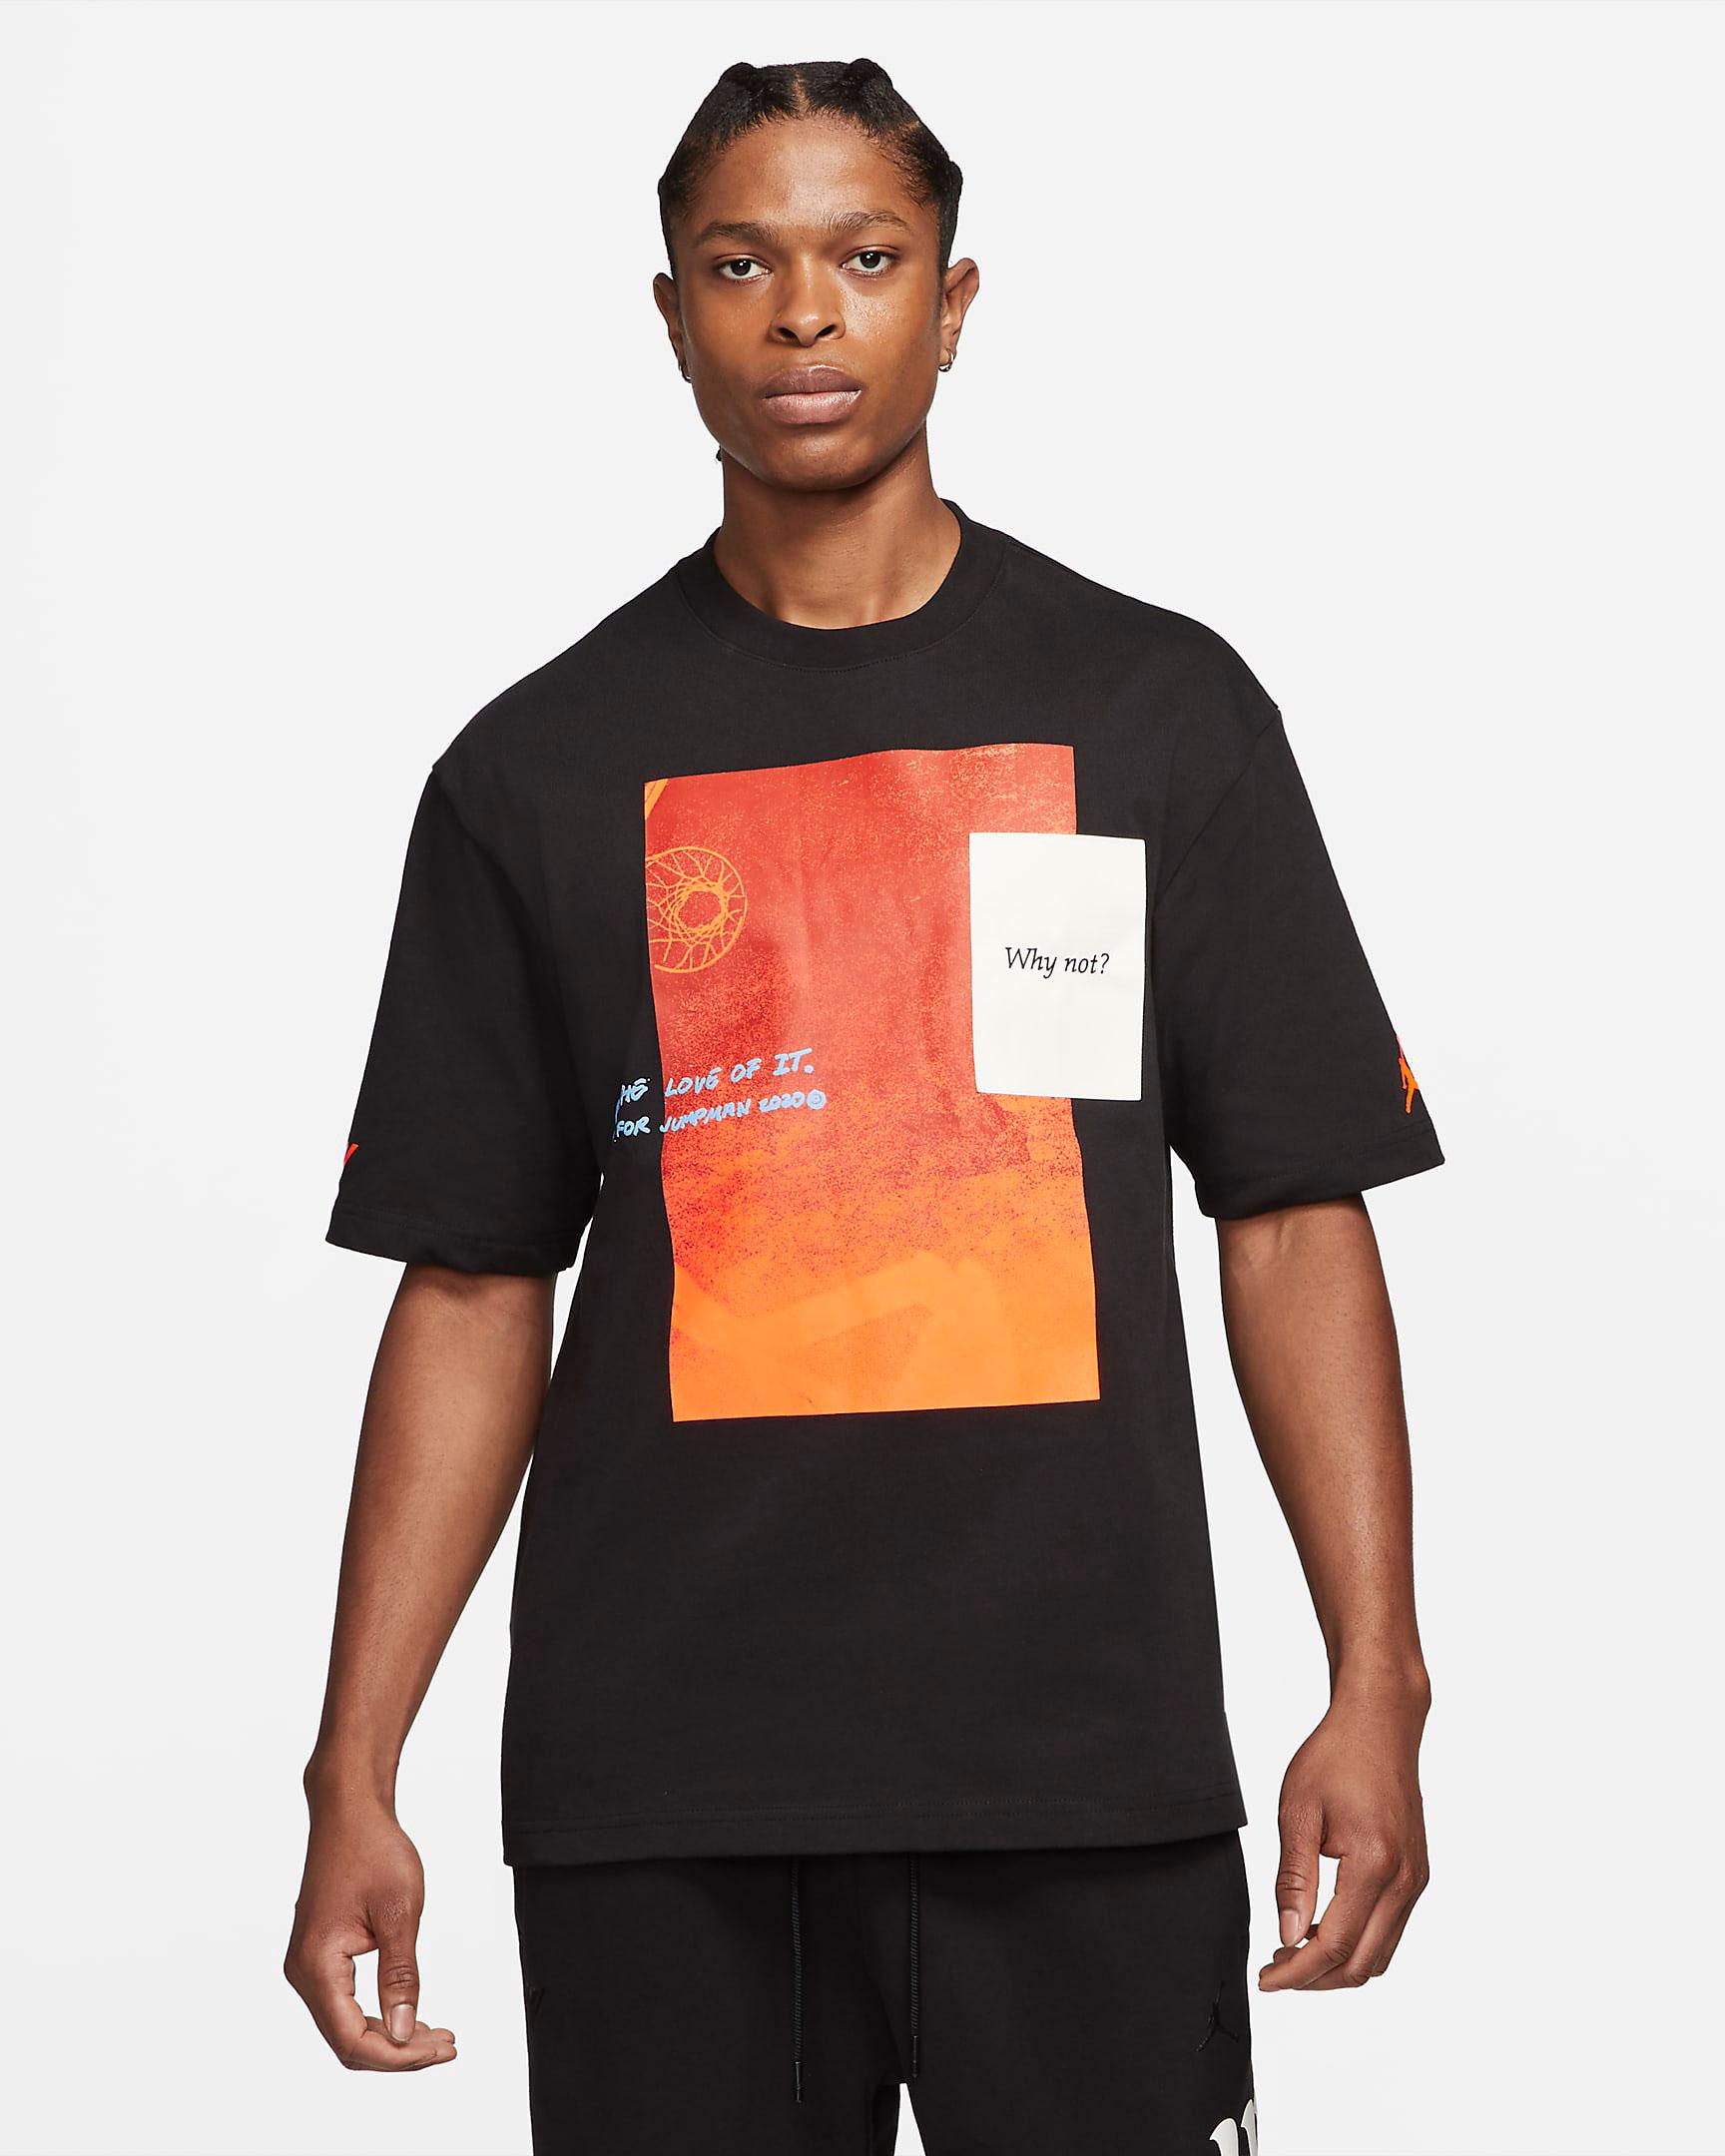 jordan-why-not-shirt-black-2